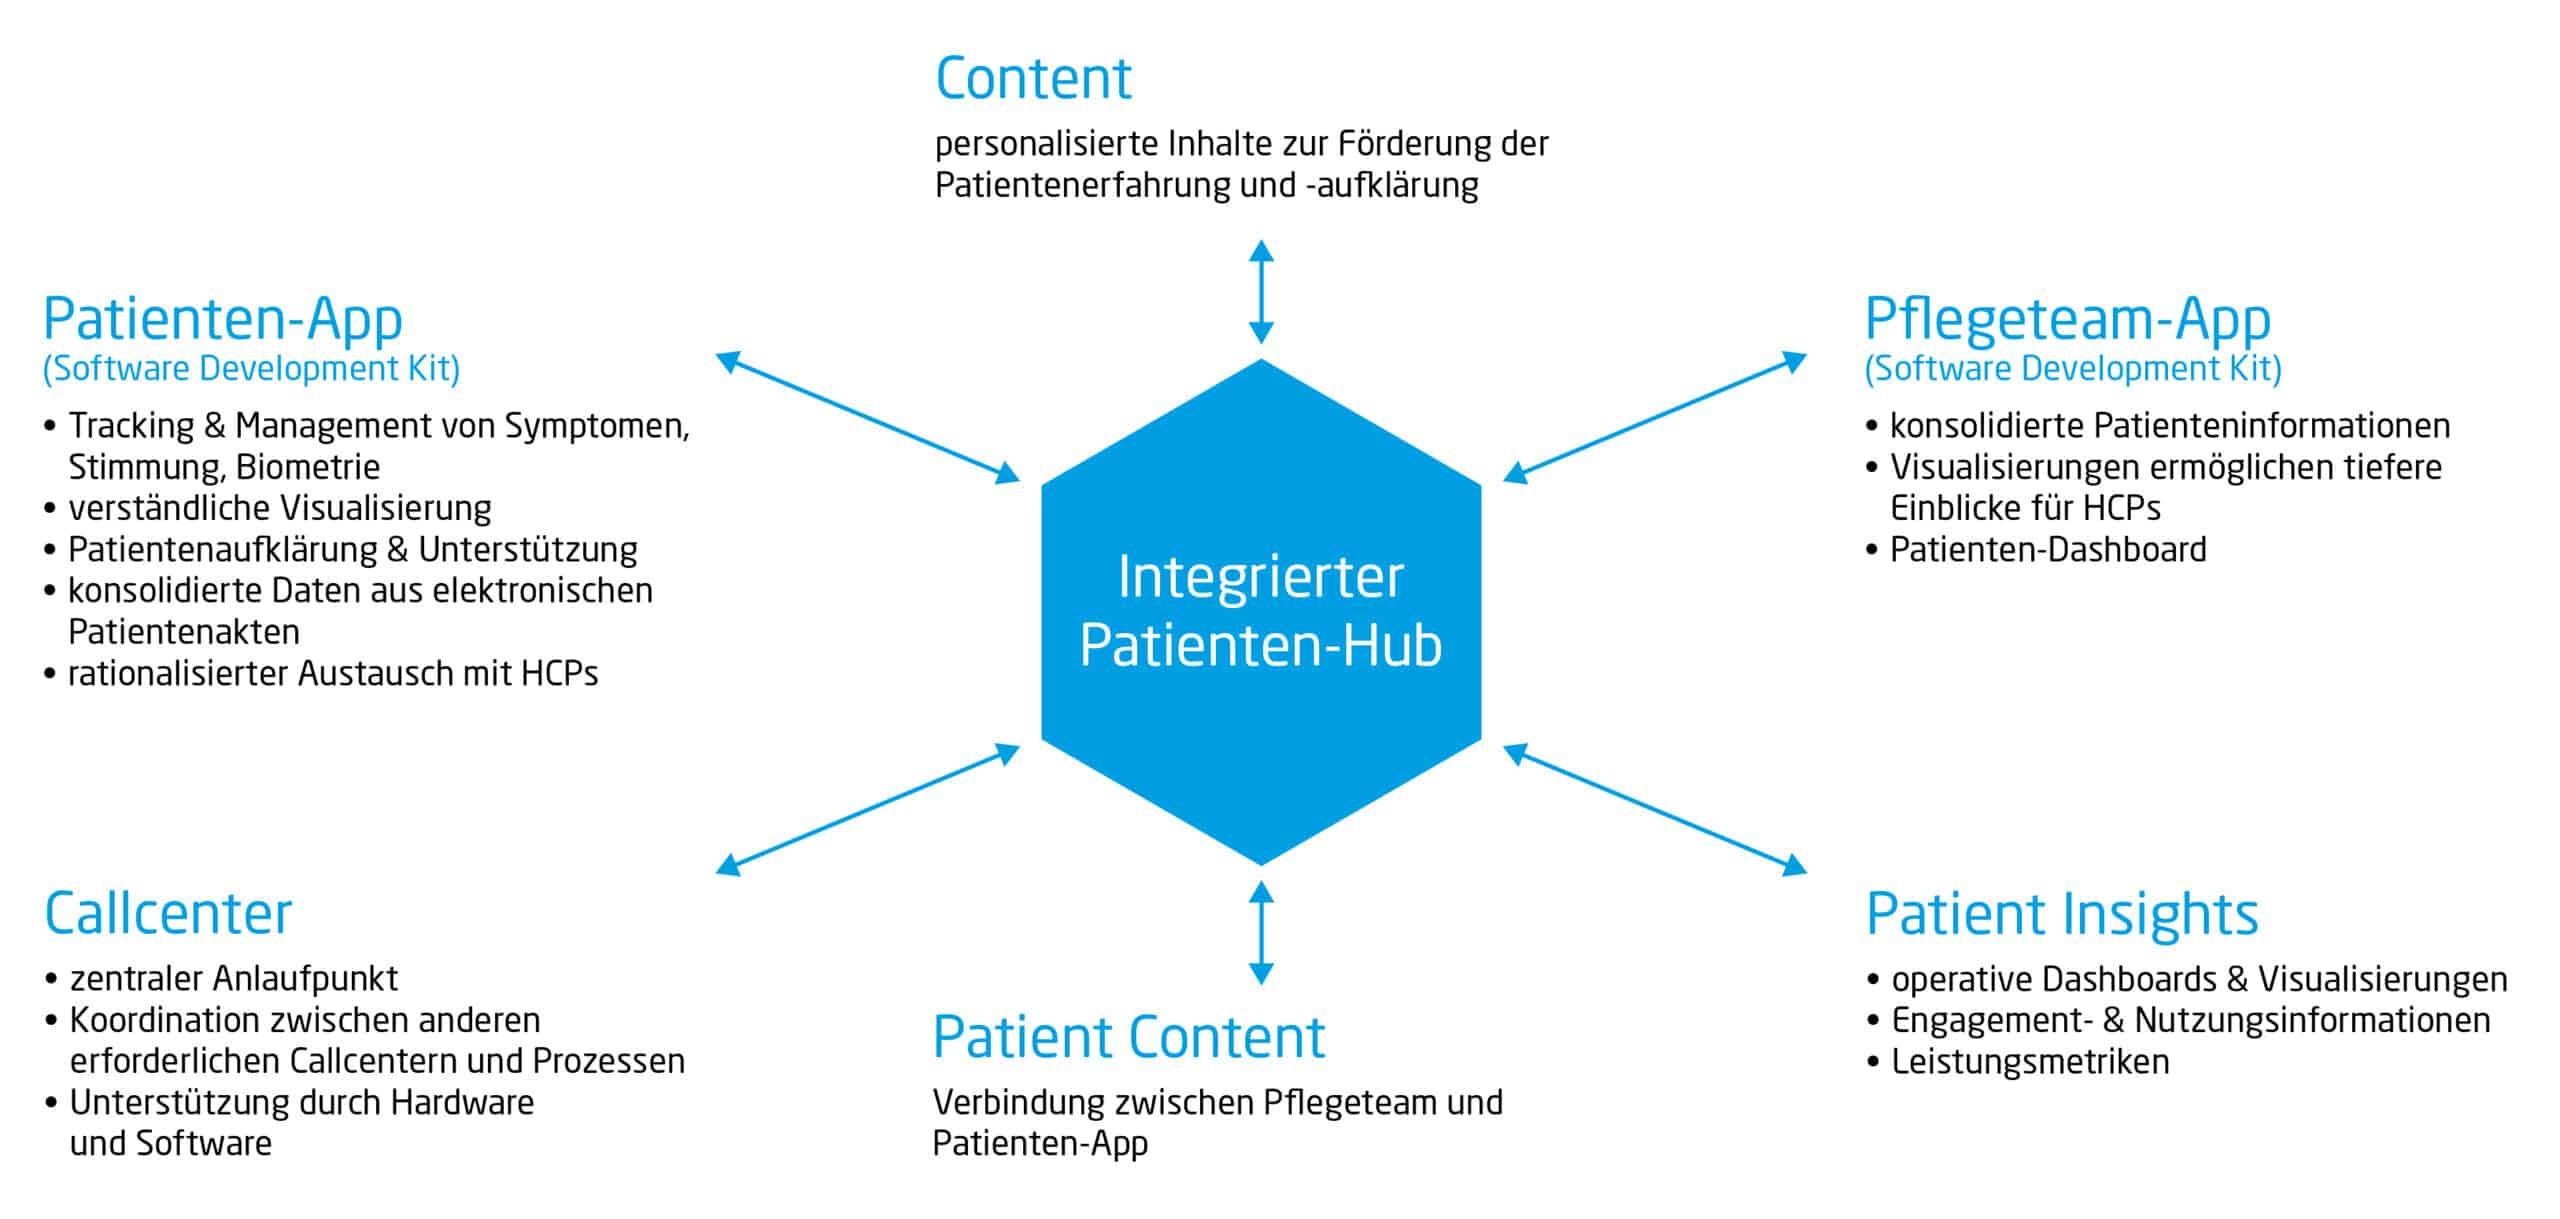 Integrierte Patienten-Hubs für Patient Centricity